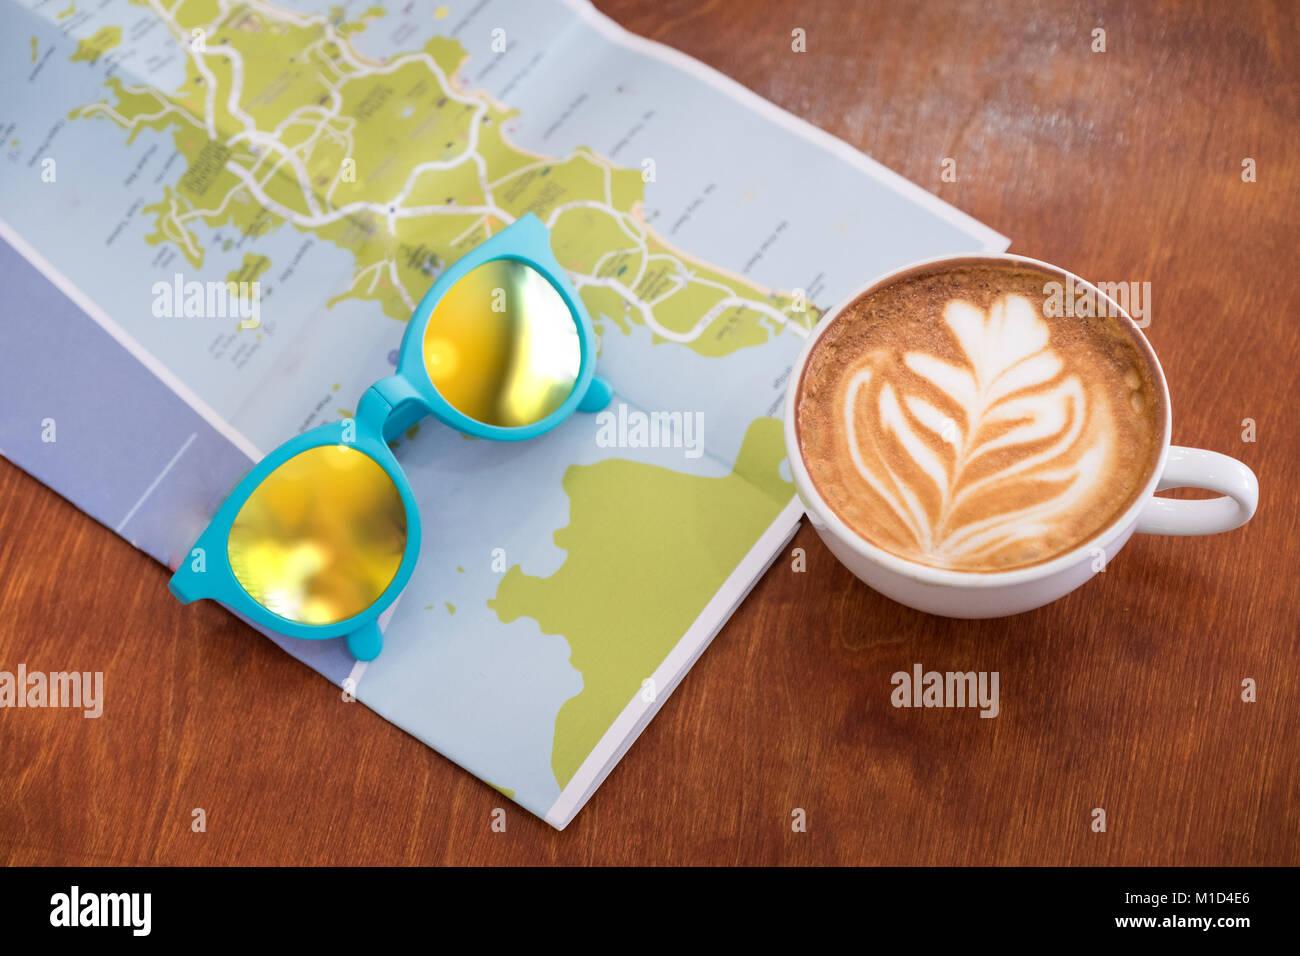 Weiß Kaffeetasse mit Latte Art mit Karte und Sonnenbrille auf braunem Holz Tisch, Freizeit Aktivität. Stockbild